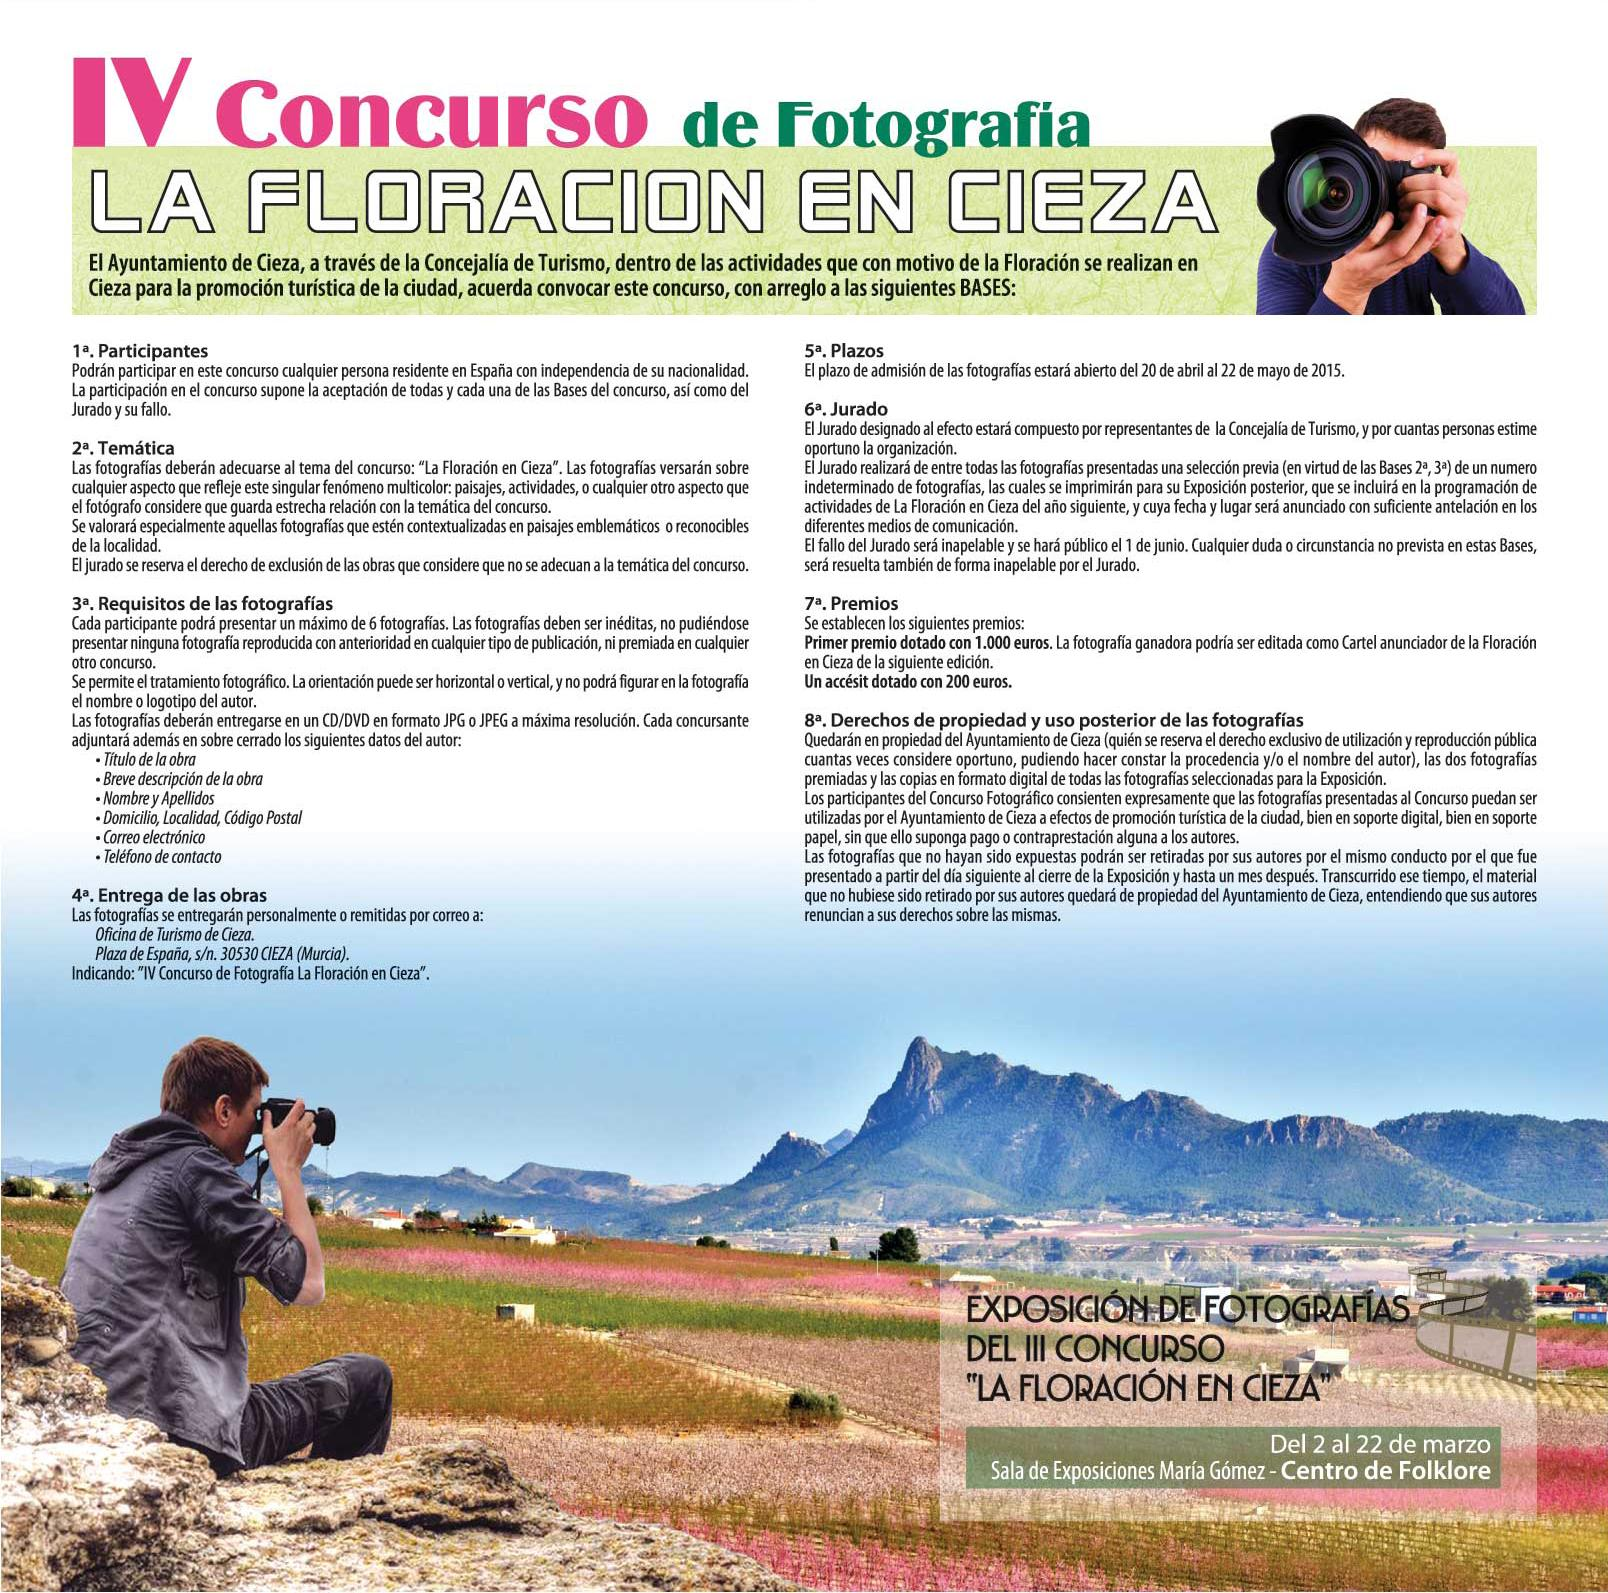 IV CONCURSO DE FOTOGRAFÍA DE LA FLORACIÓN DE CIEZA